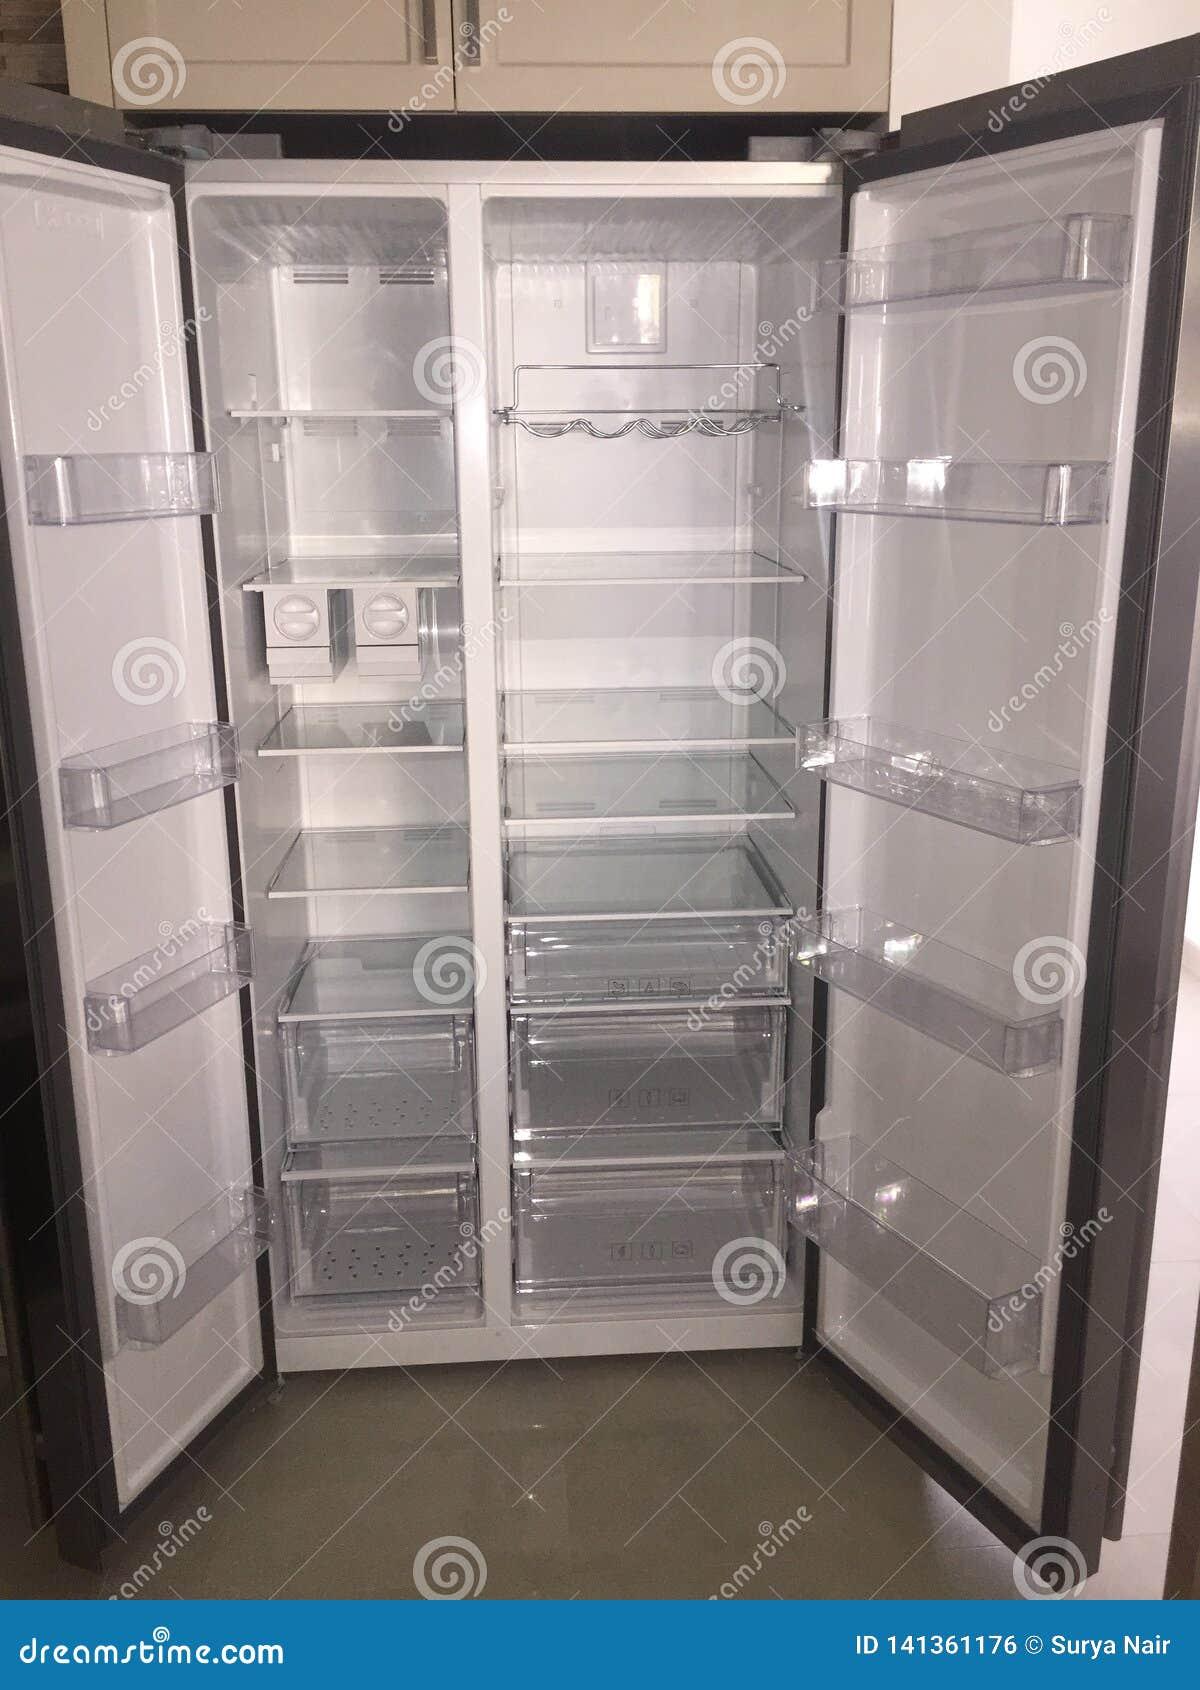 Inside of Empty Grey Double Door Fridge. Inside shelves of brand new refrigerator